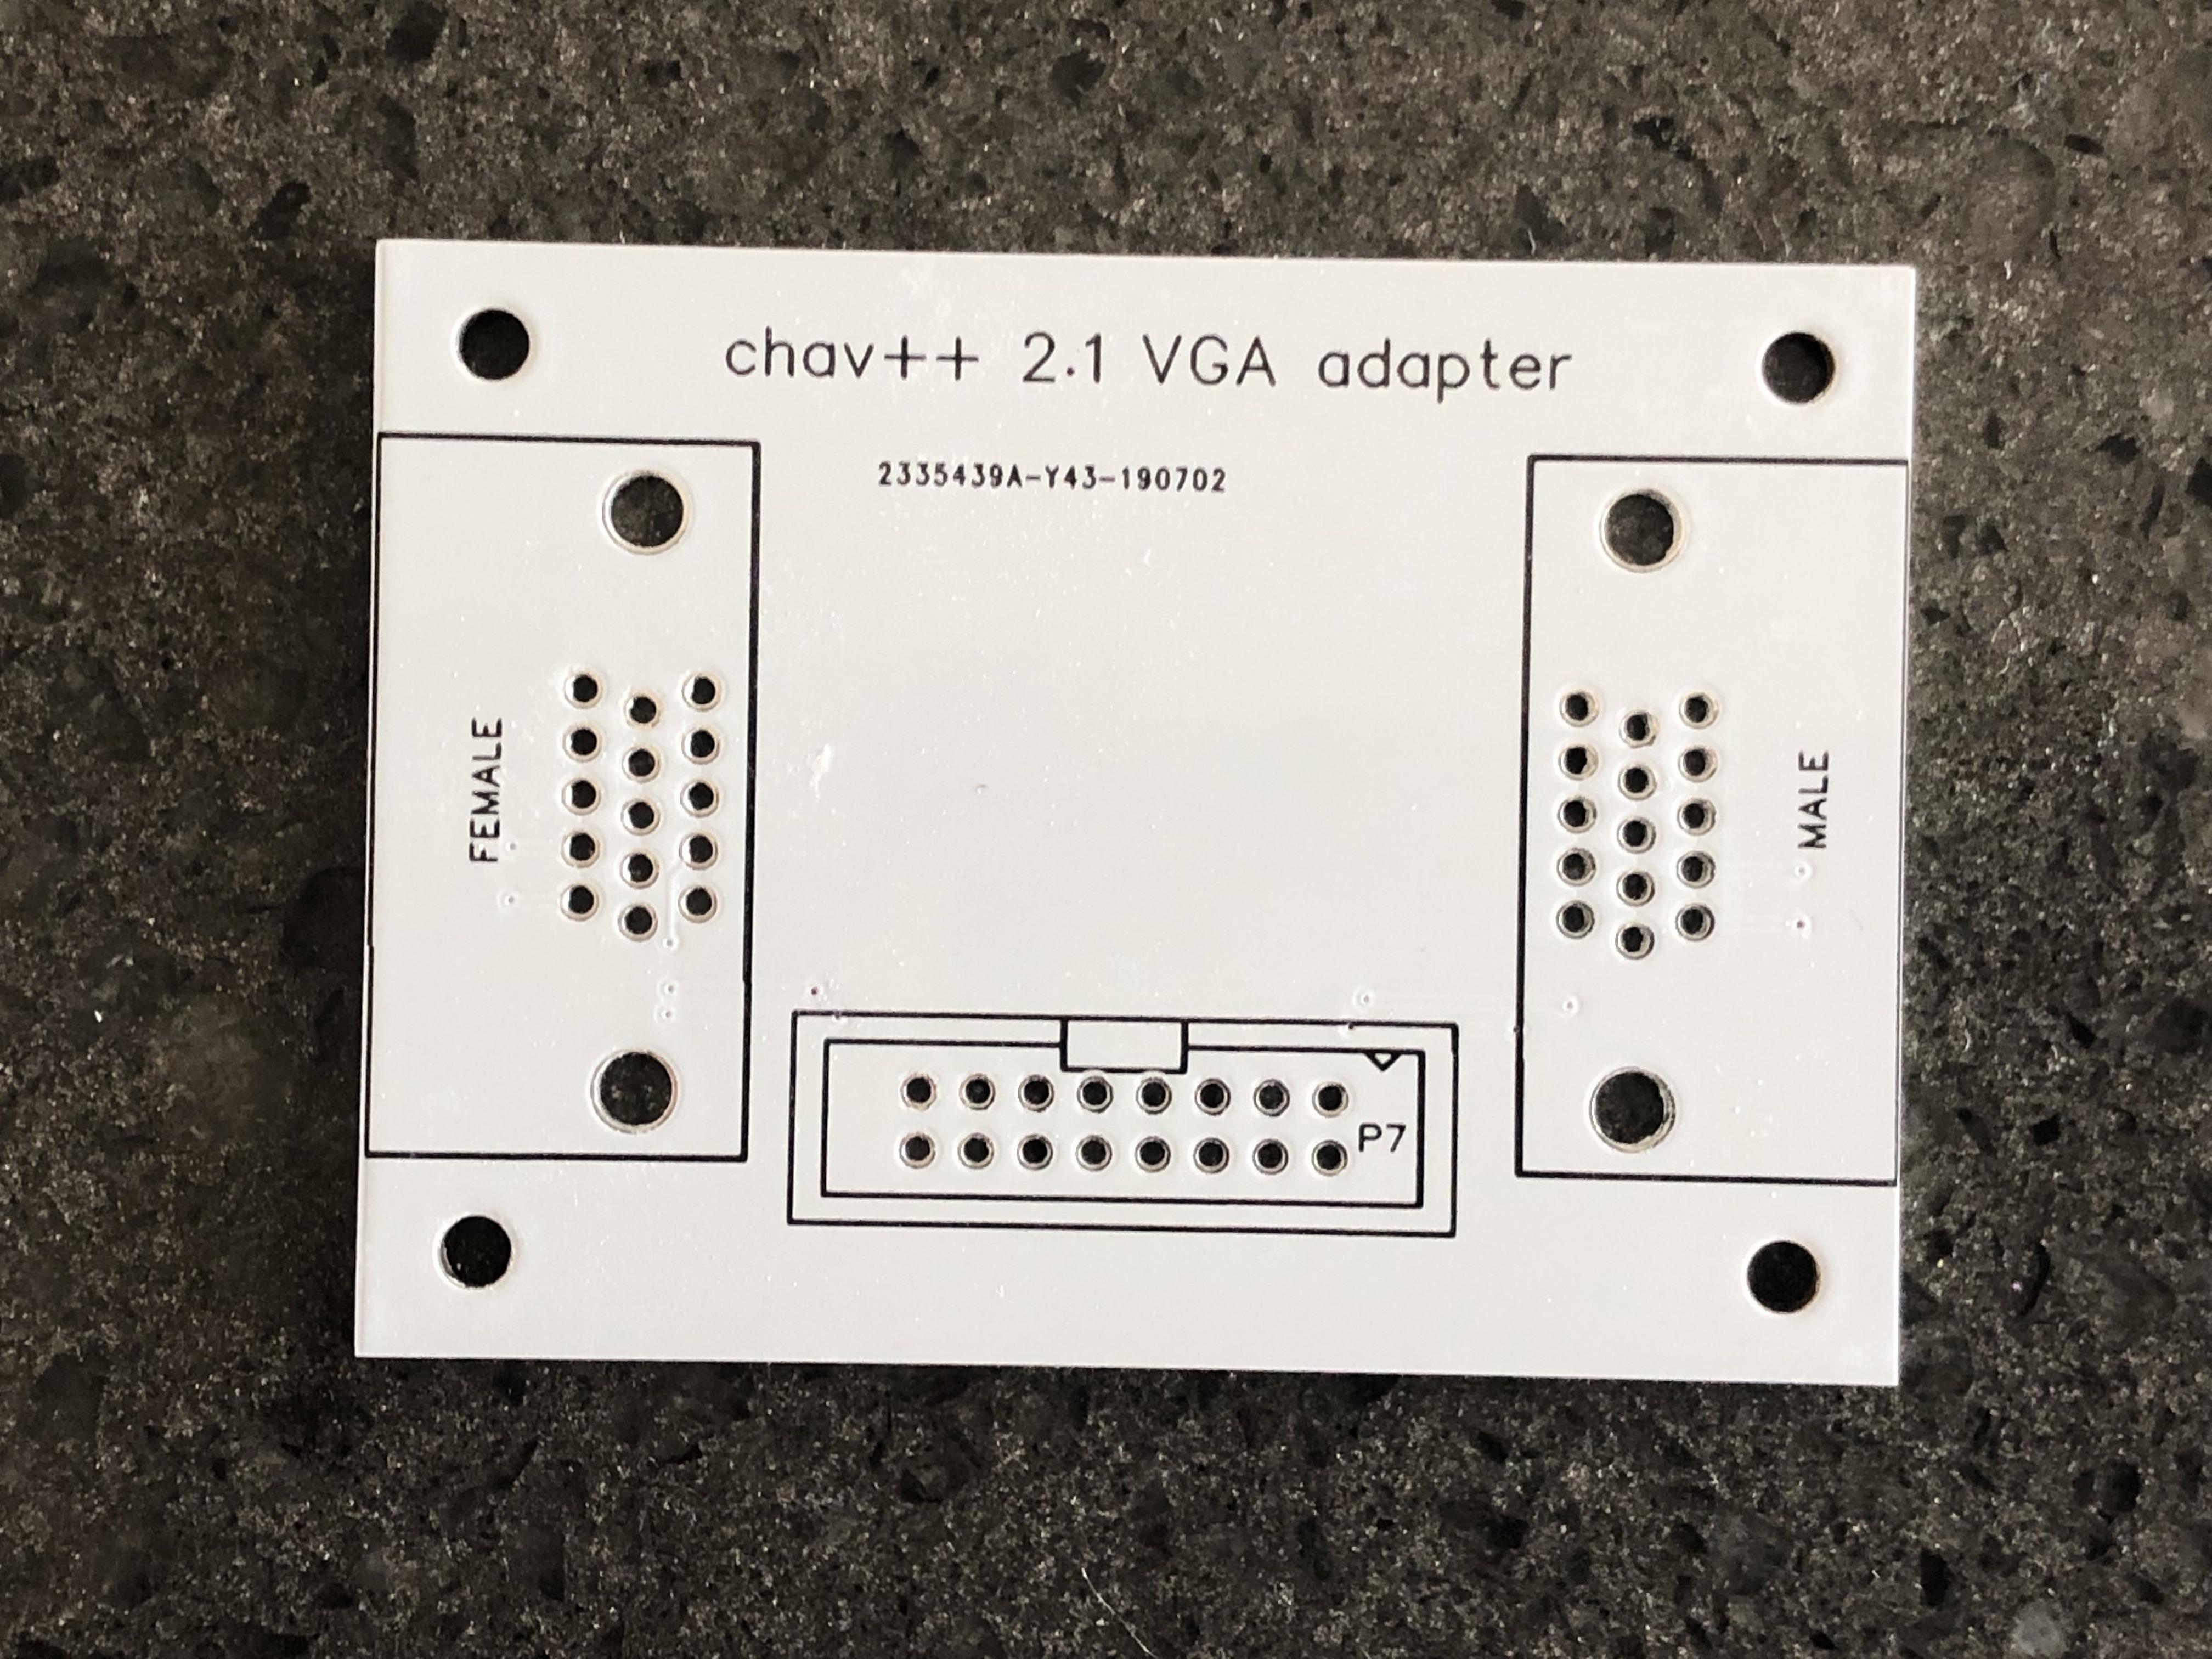 ec500 VGA adapter PCB